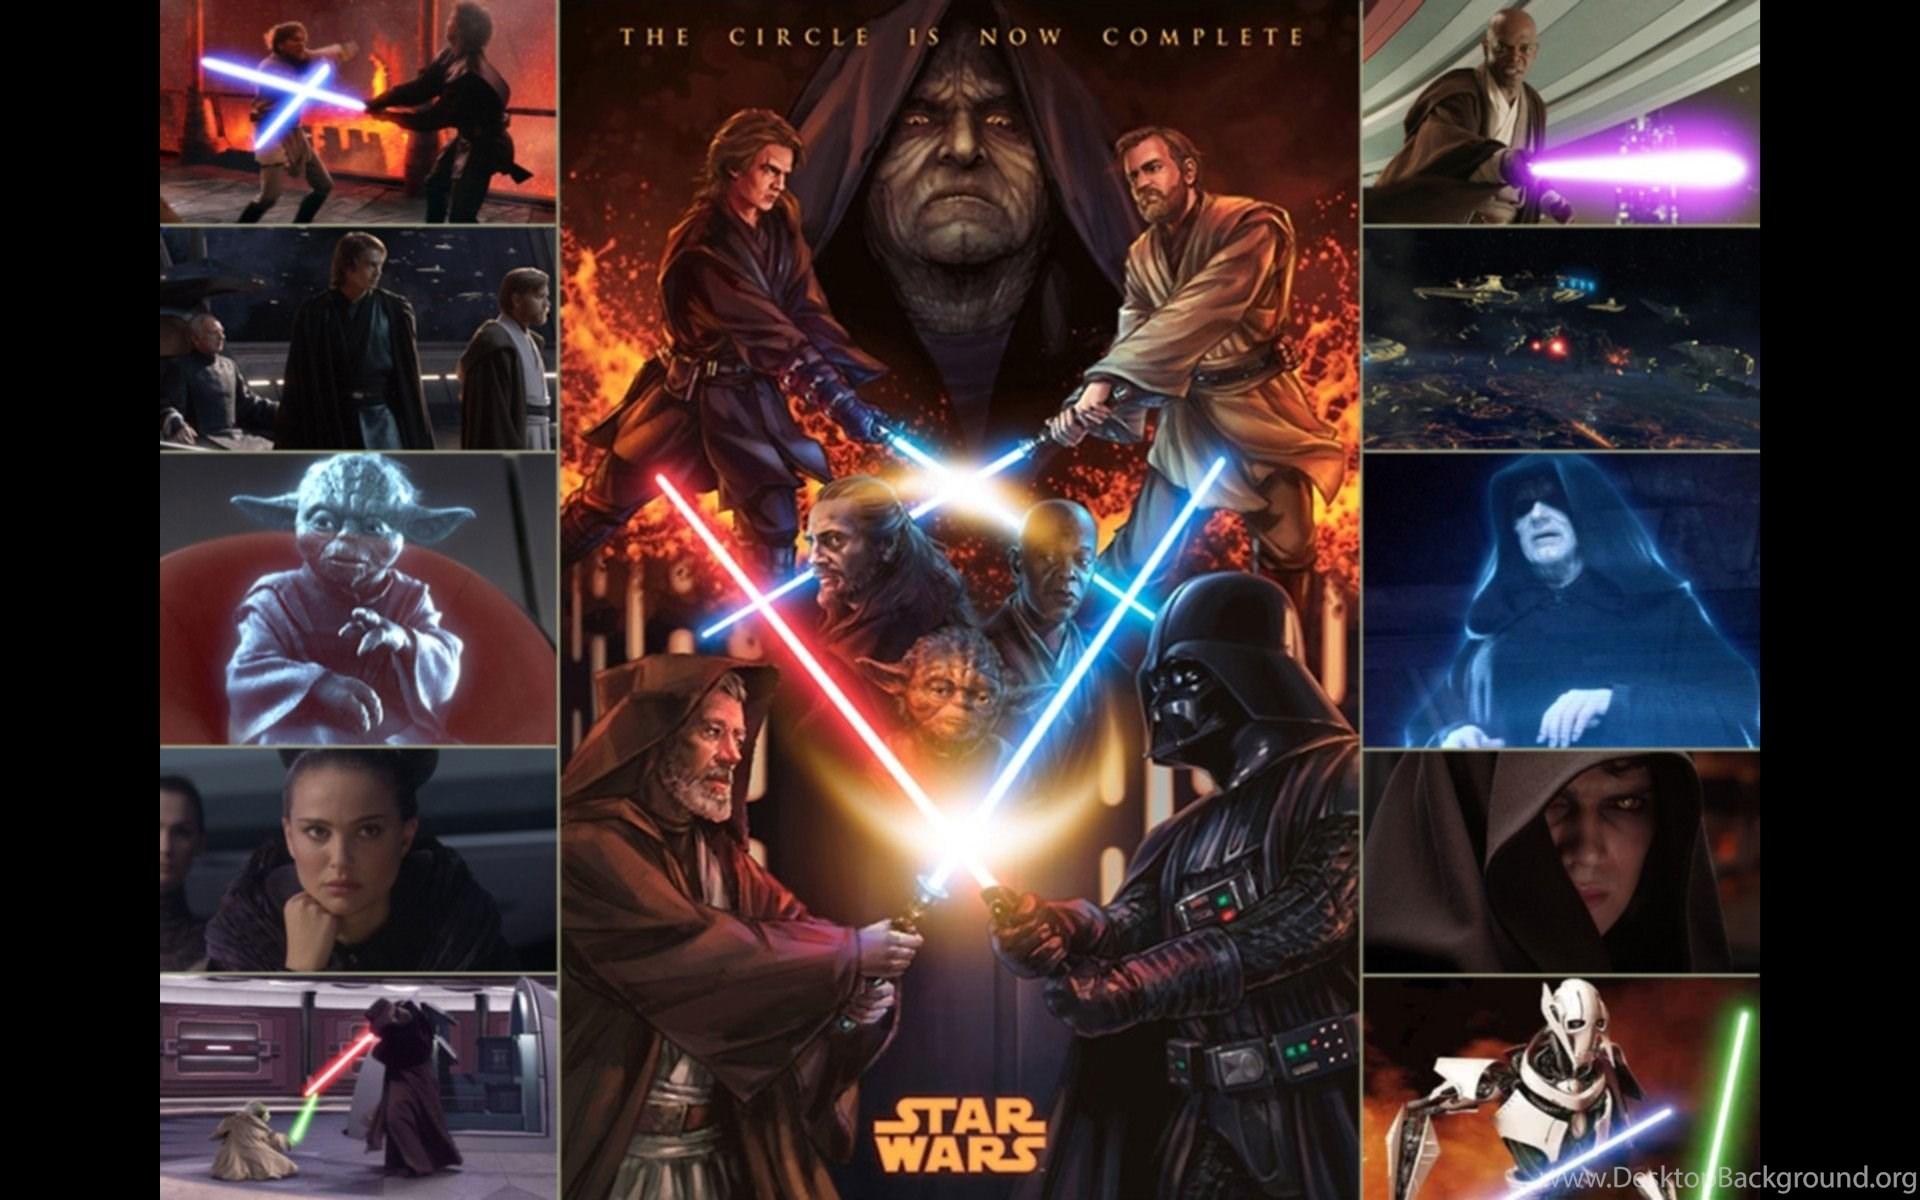 Star Wars Wallpapers Widescreen Wallpapers Cave Desktop Background